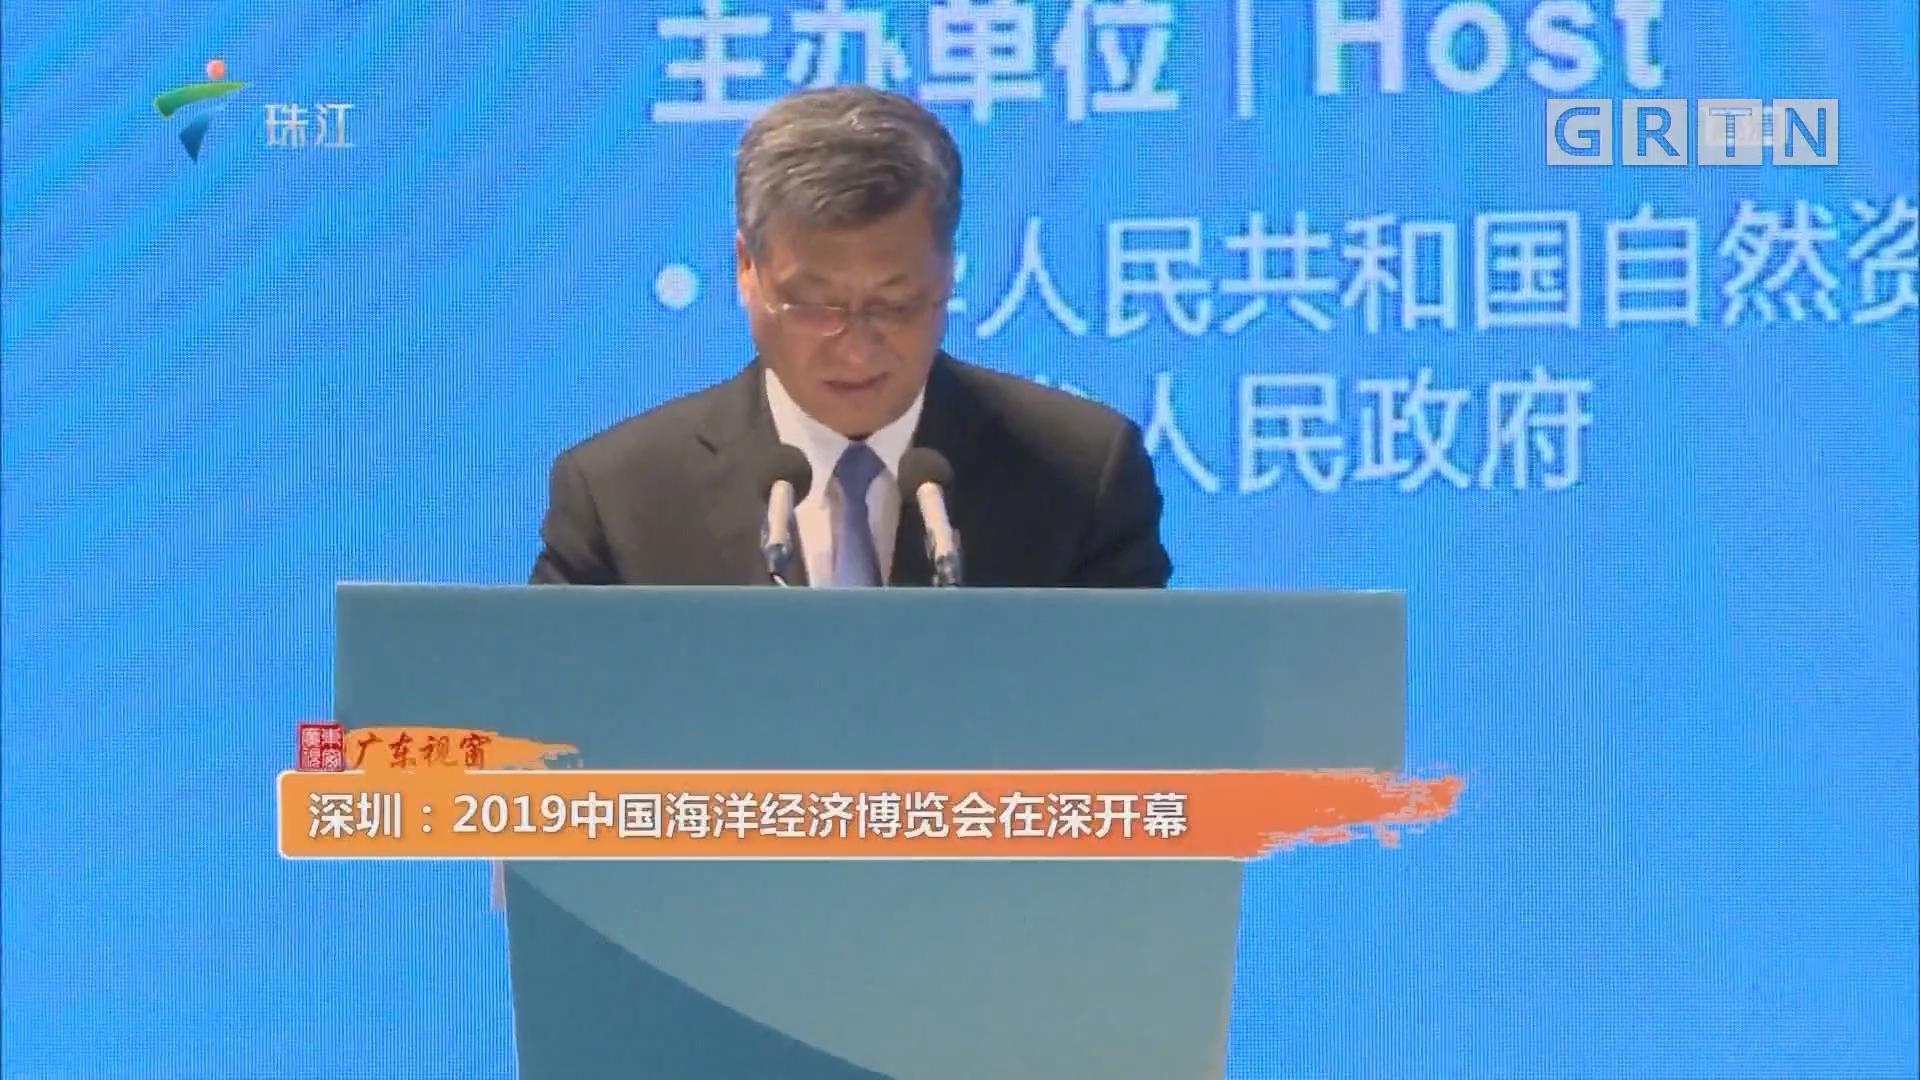 深圳:2019中国海洋经济博览会在深开幕